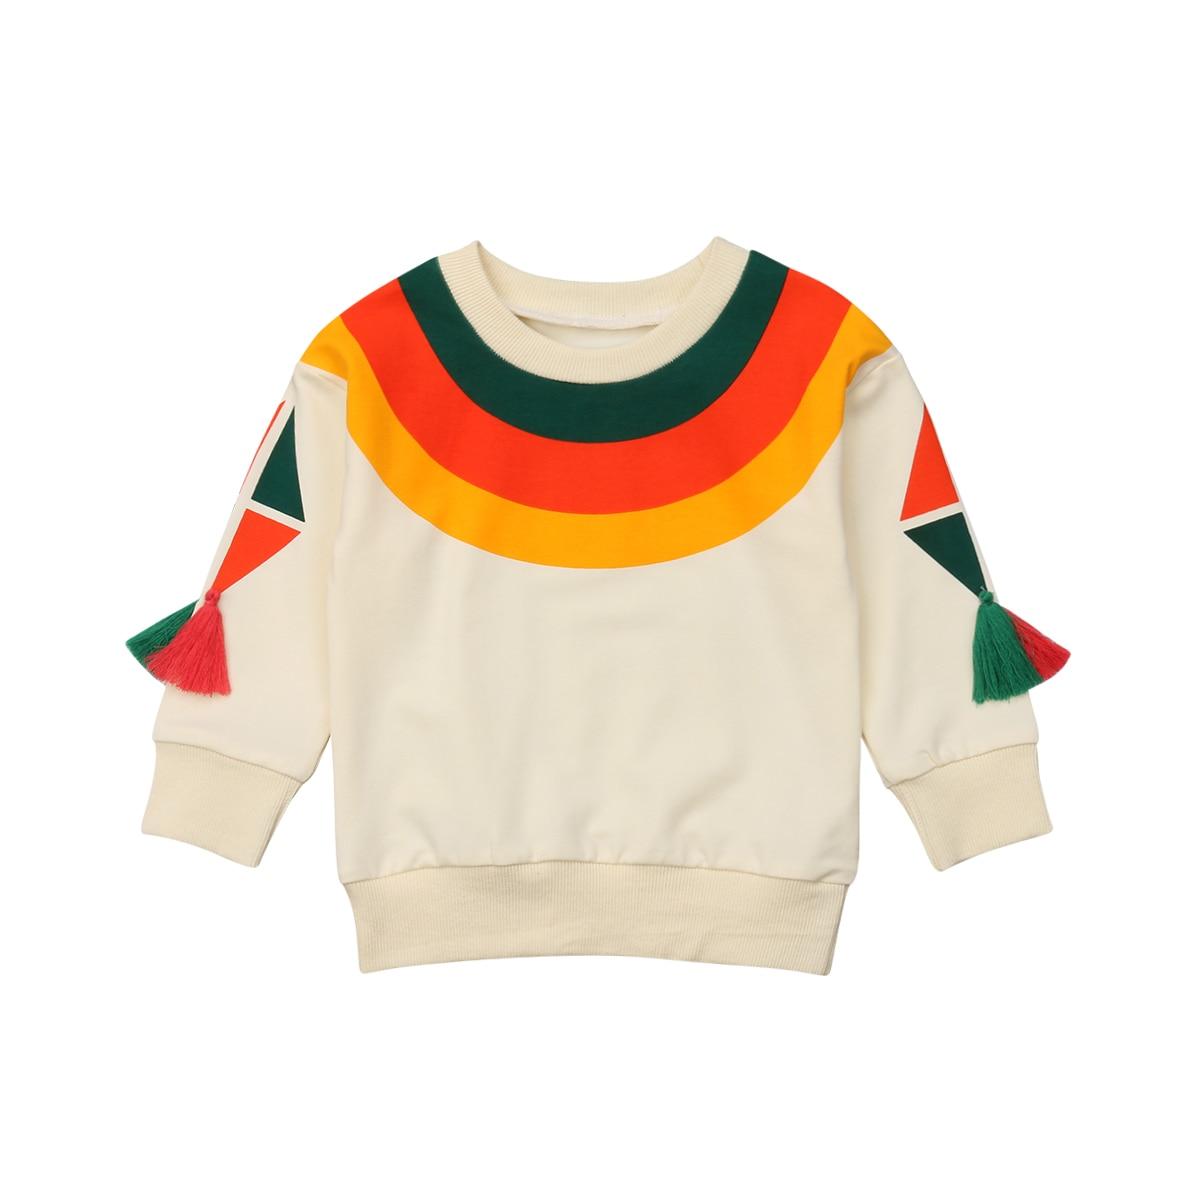 2018 Neue Ankunft Kleinkind Kind Baby Mädchen Baumwolle Regenbogen Casual Langarm Shirt Top Bluse Kleidung